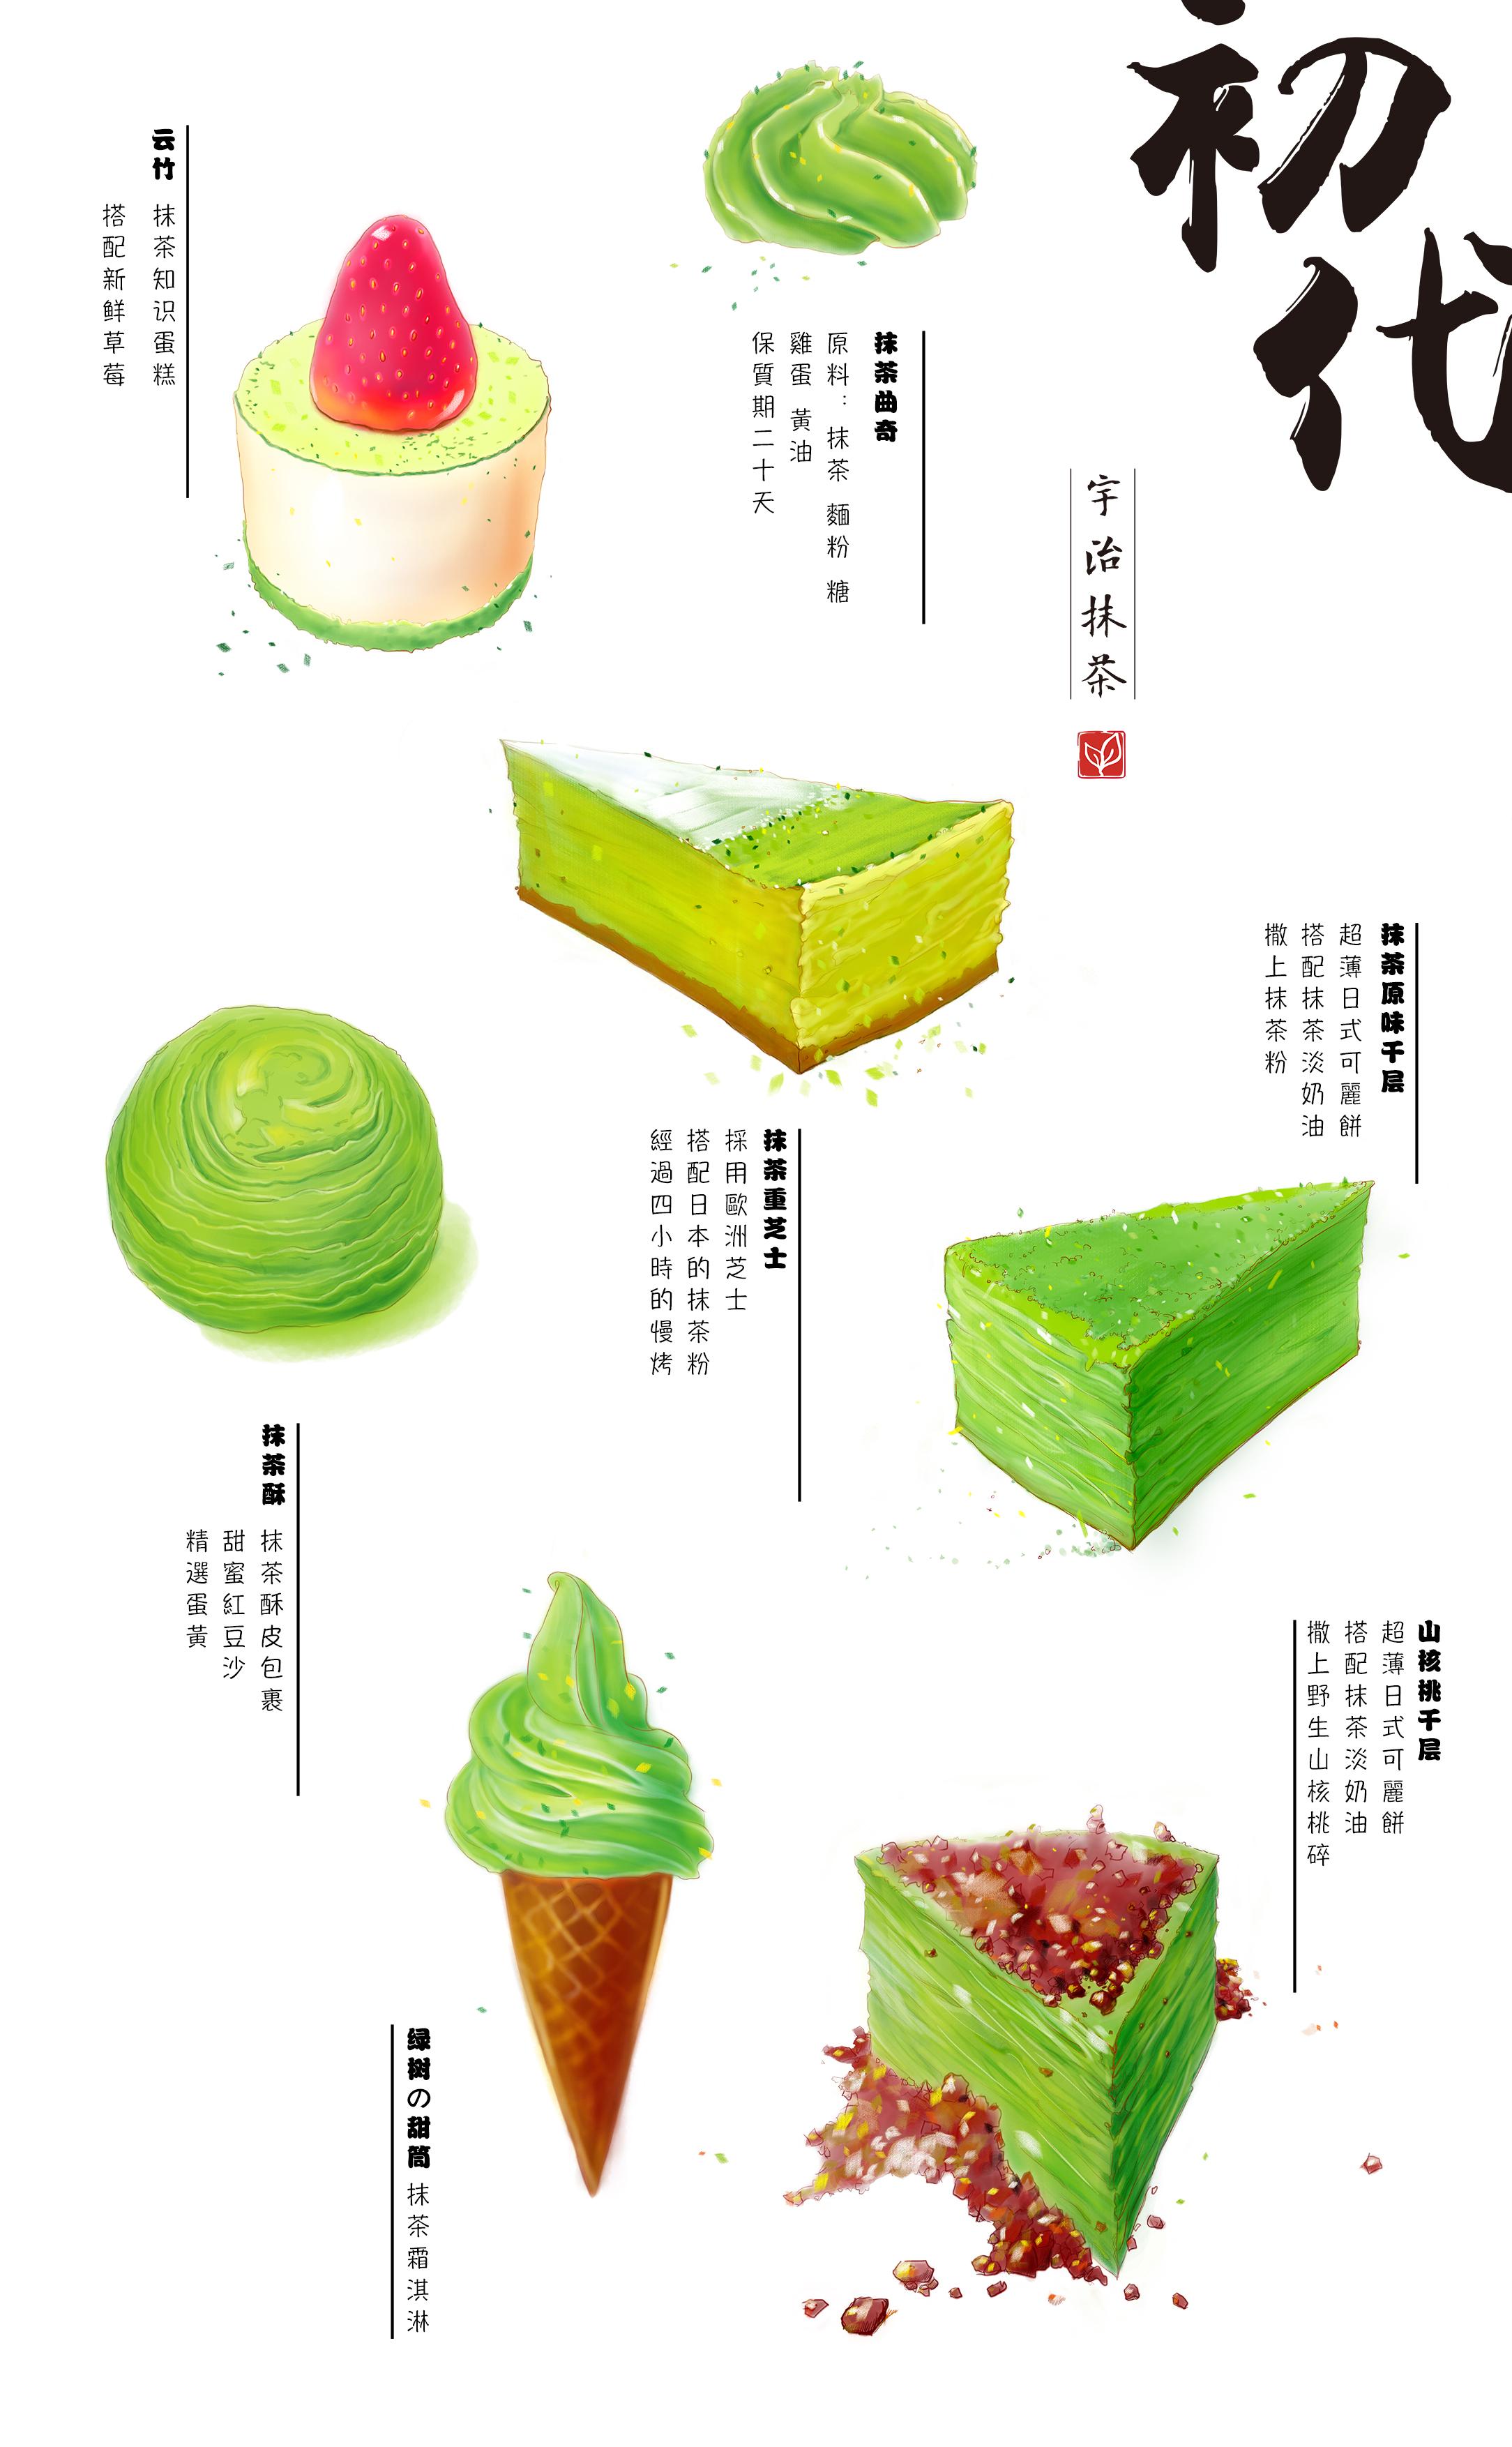 初代抹茶菜单手绘插画